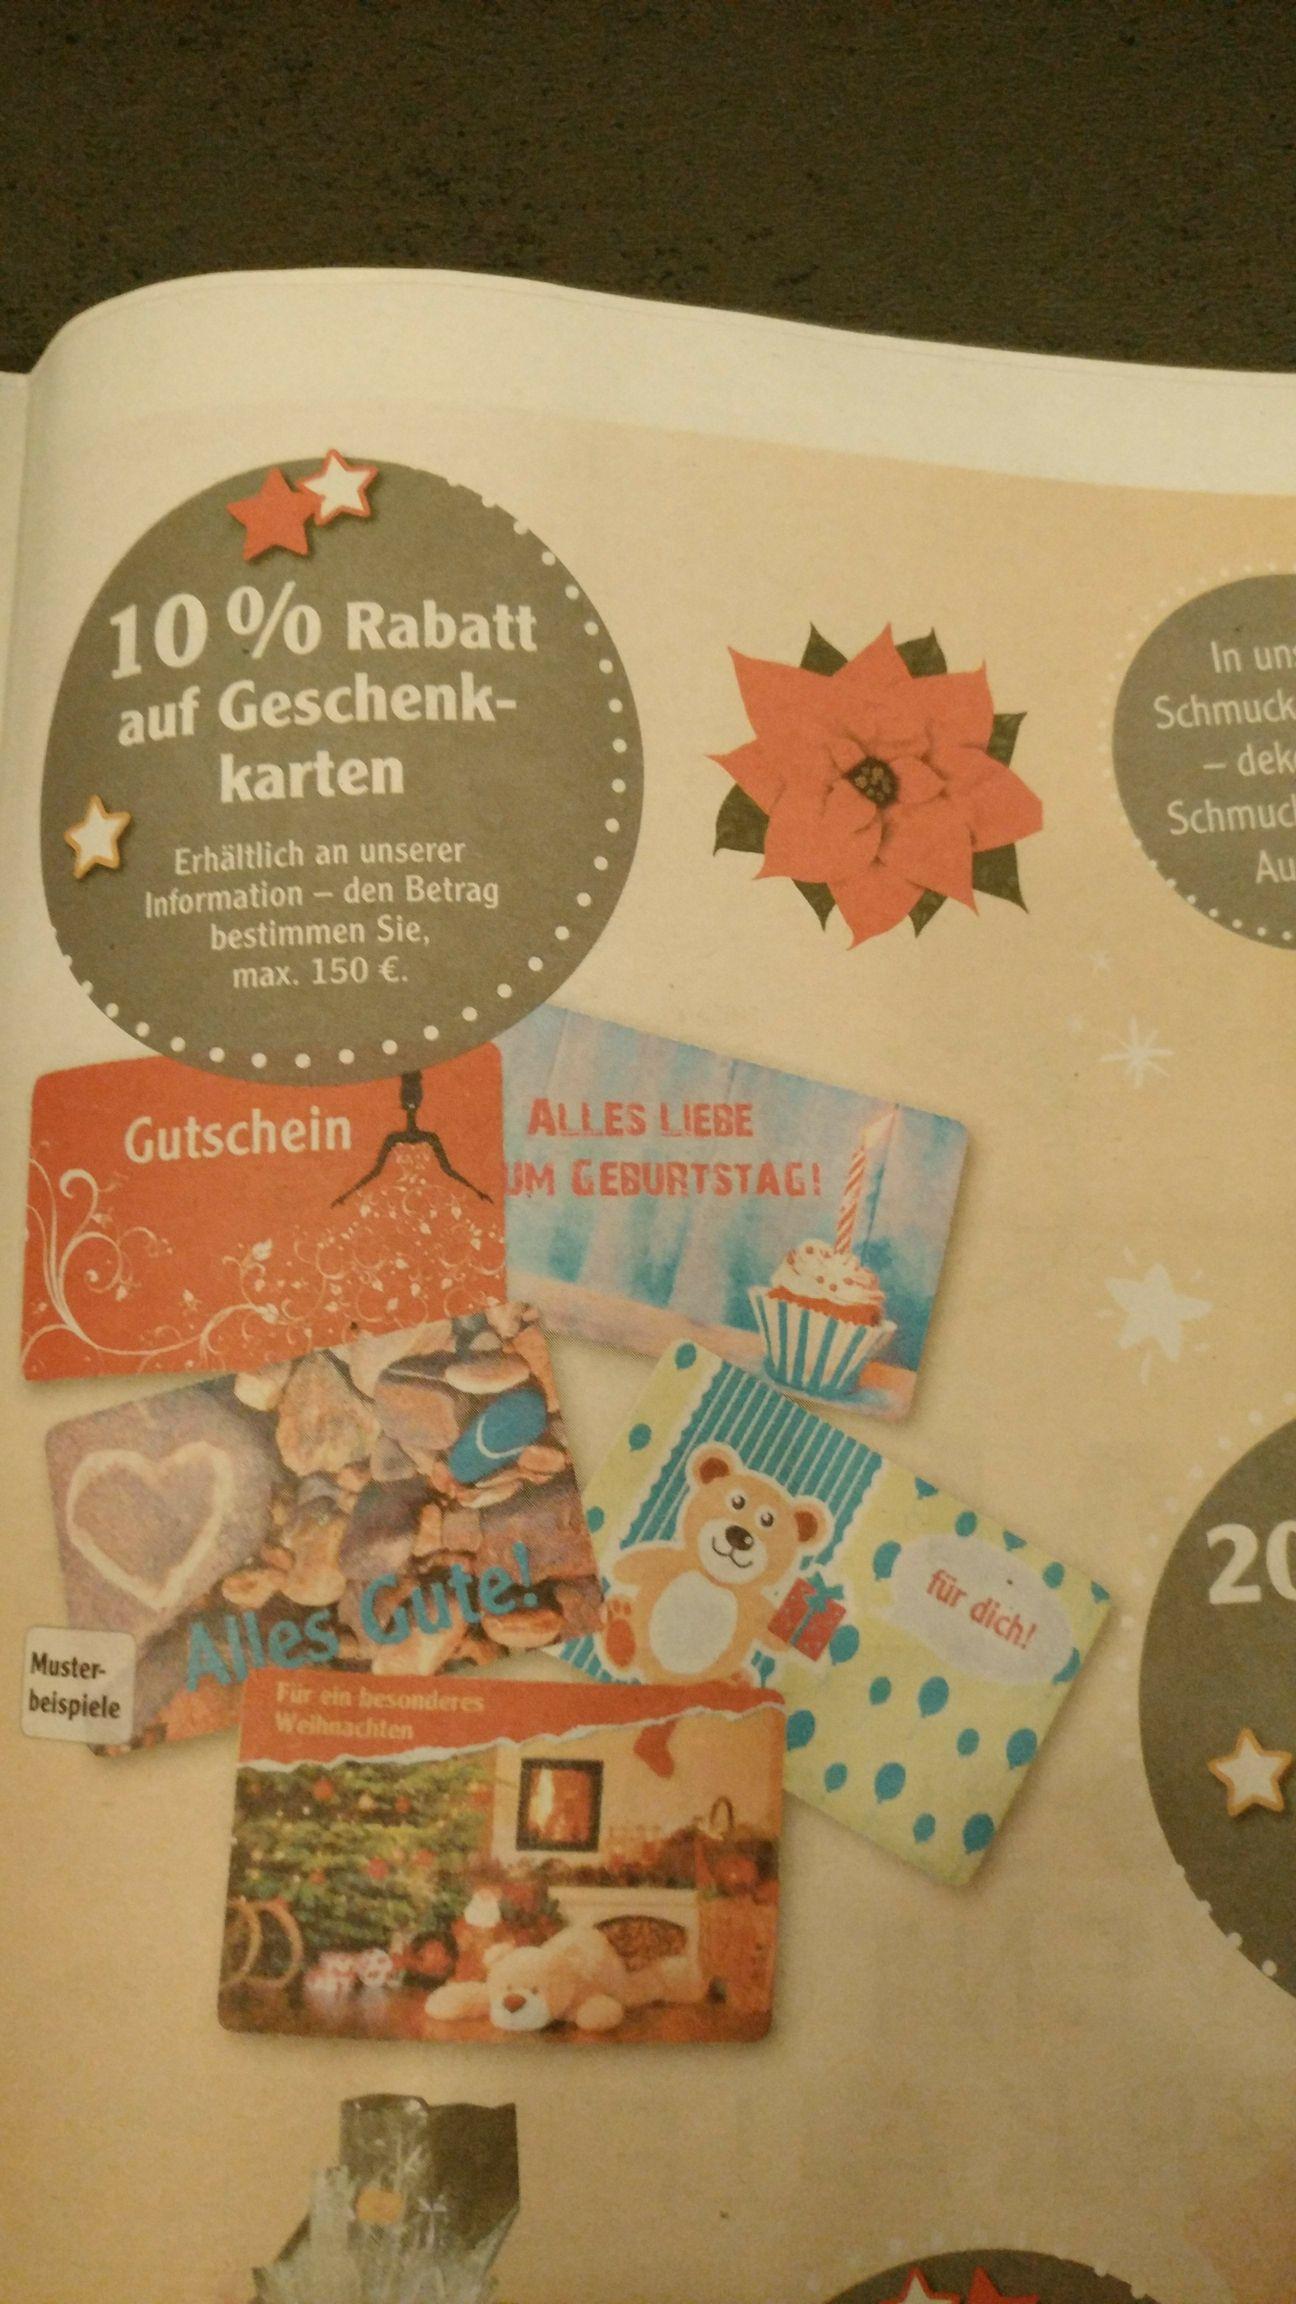 Globus Forchheim 10% Rabatt auf Geschenkgutscheine